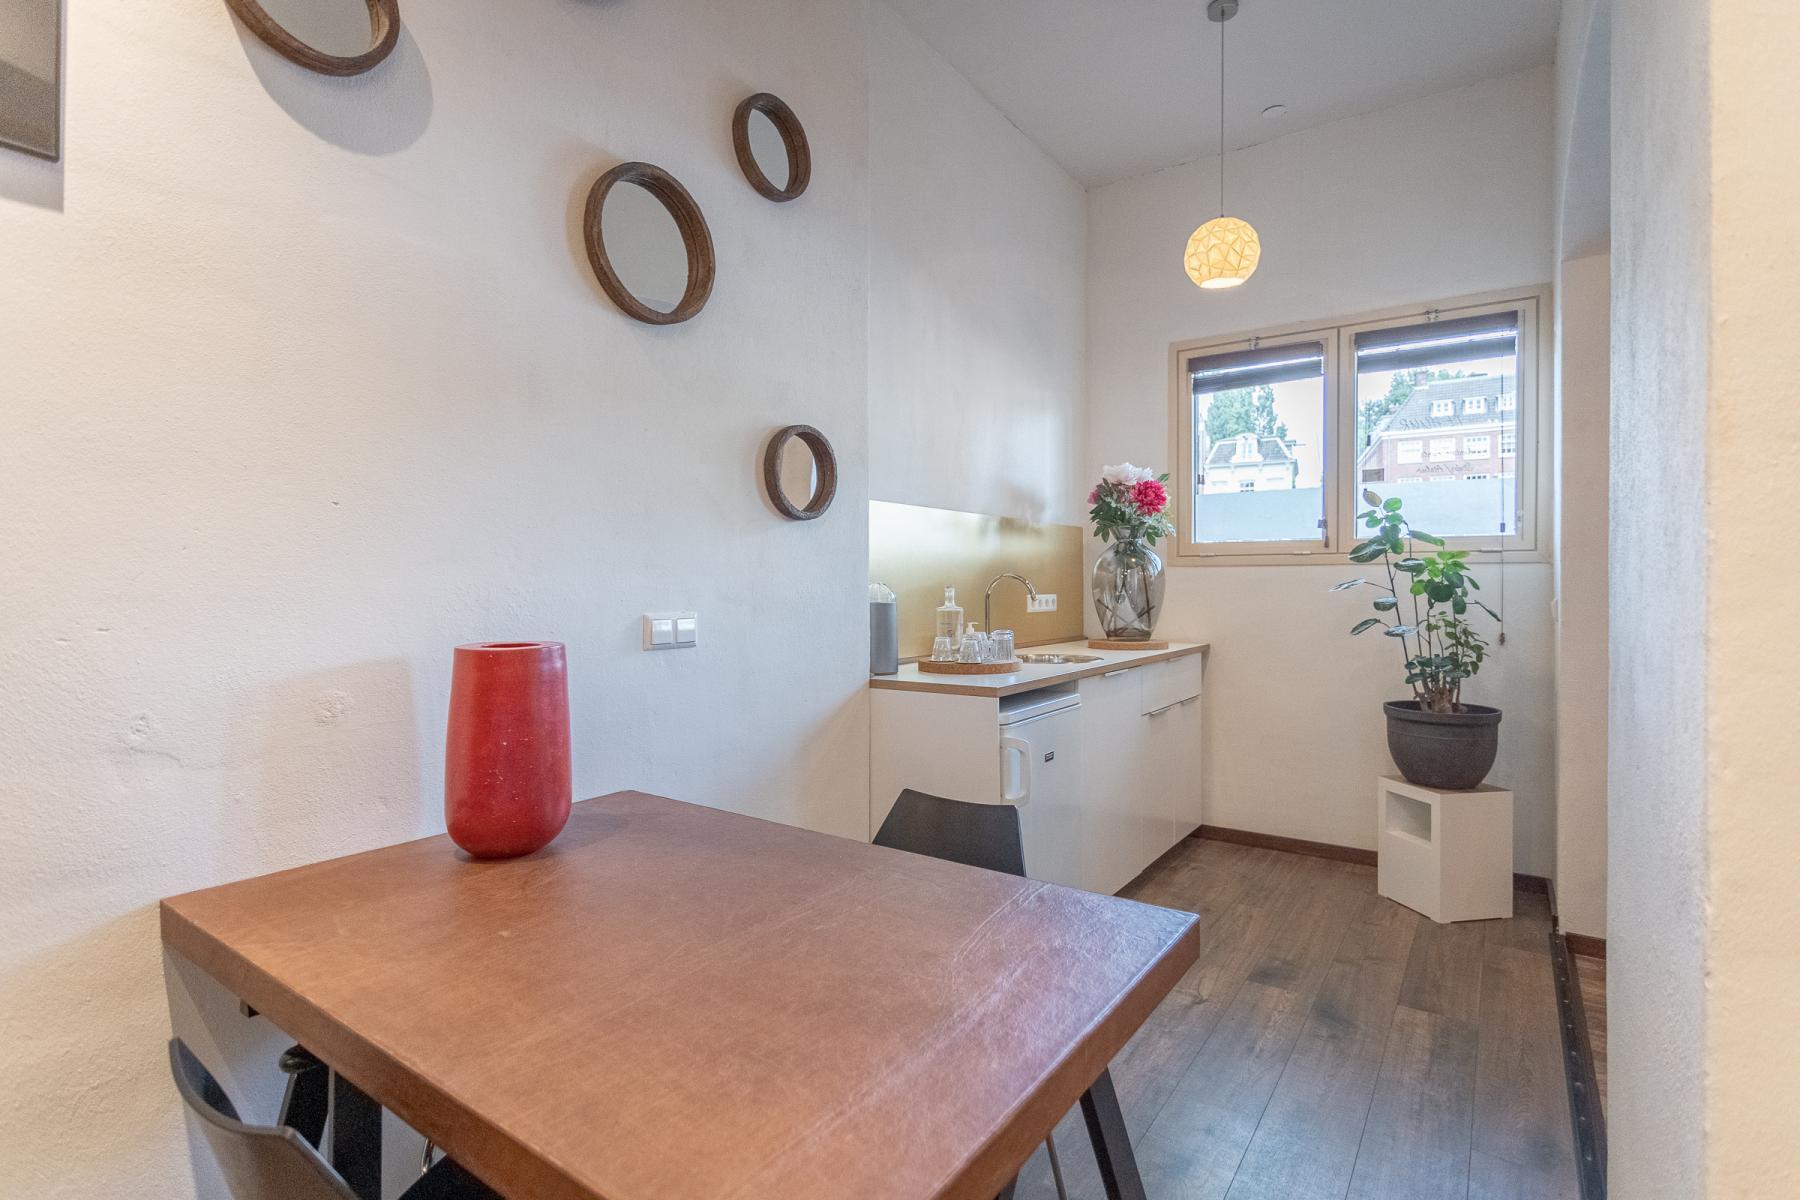 Rent office space Oudeschans 21, Amsterdam (21)